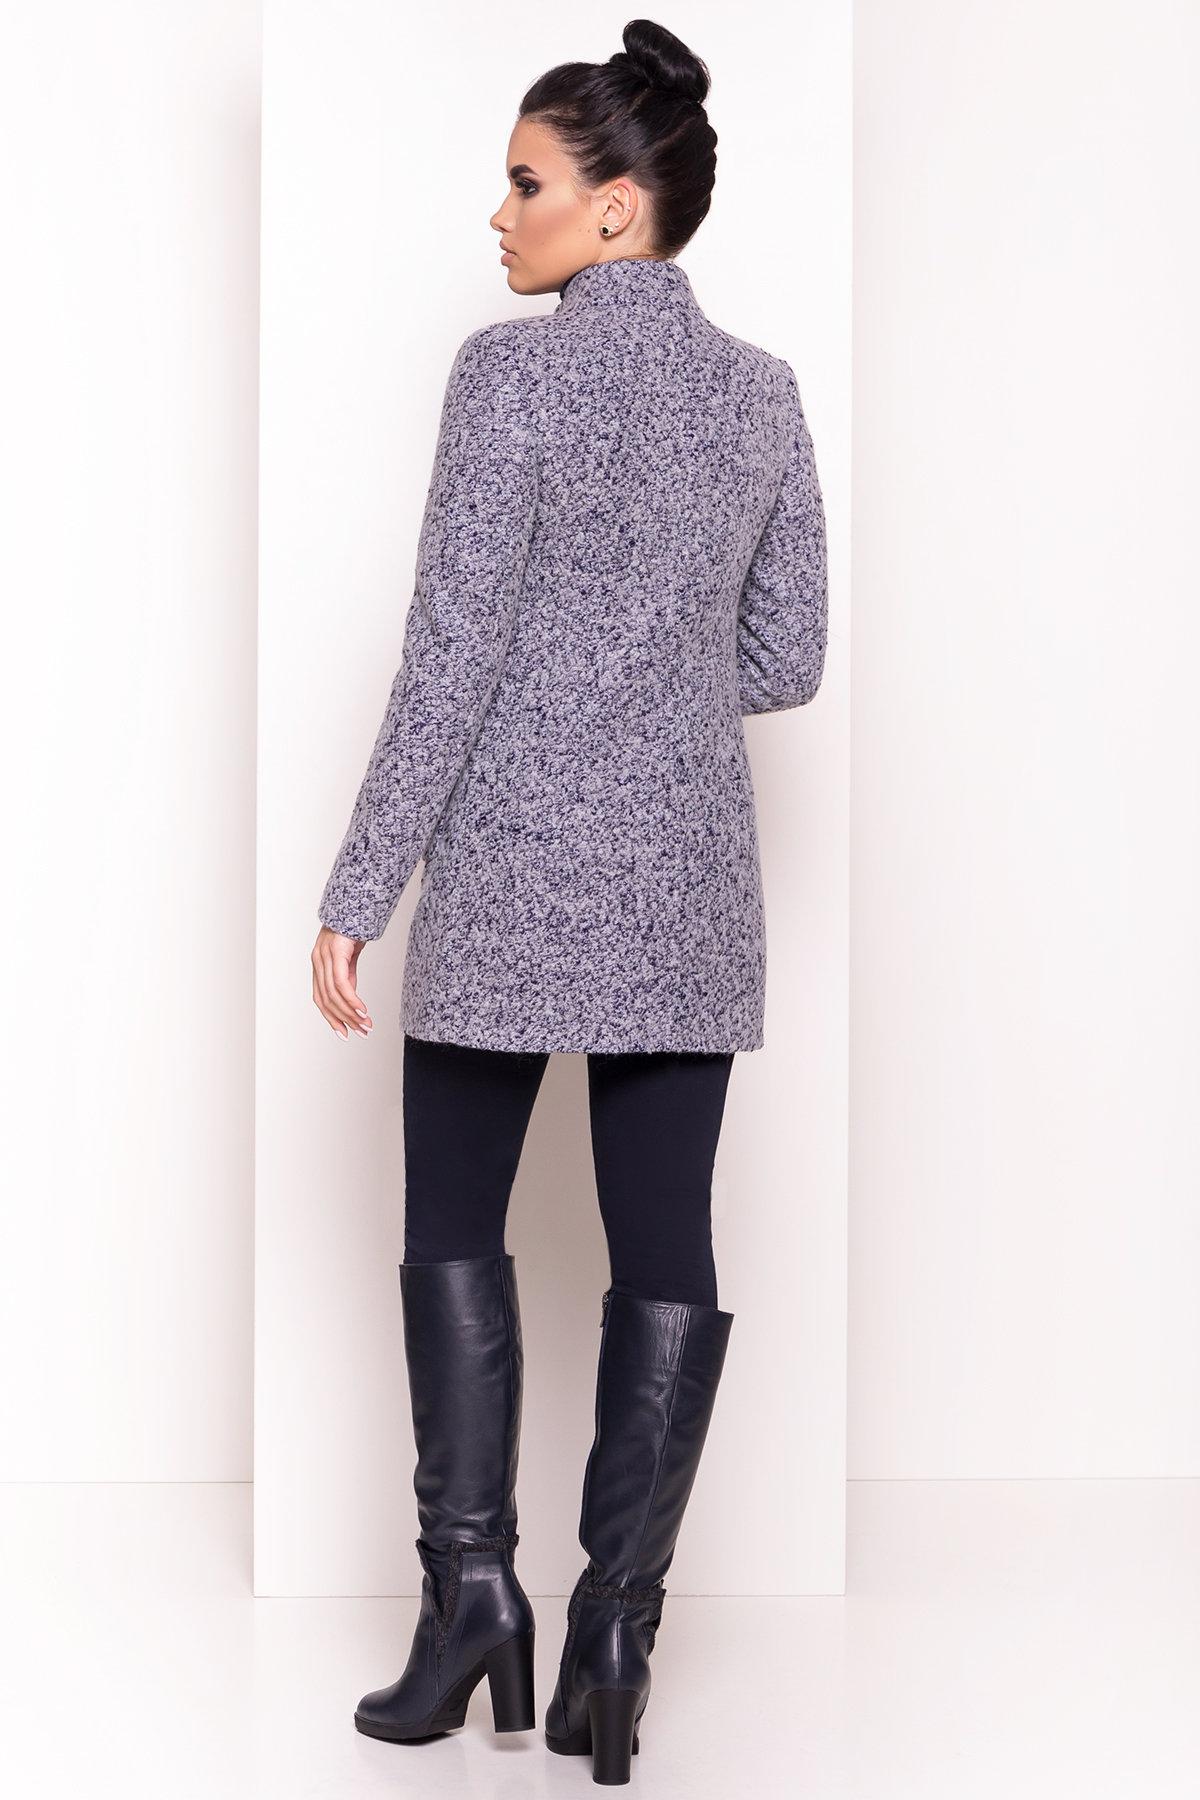 Пальто Мелини 0442 АРТ. 6778 Цвет: Серый - фото 2, интернет магазин tm-modus.ru